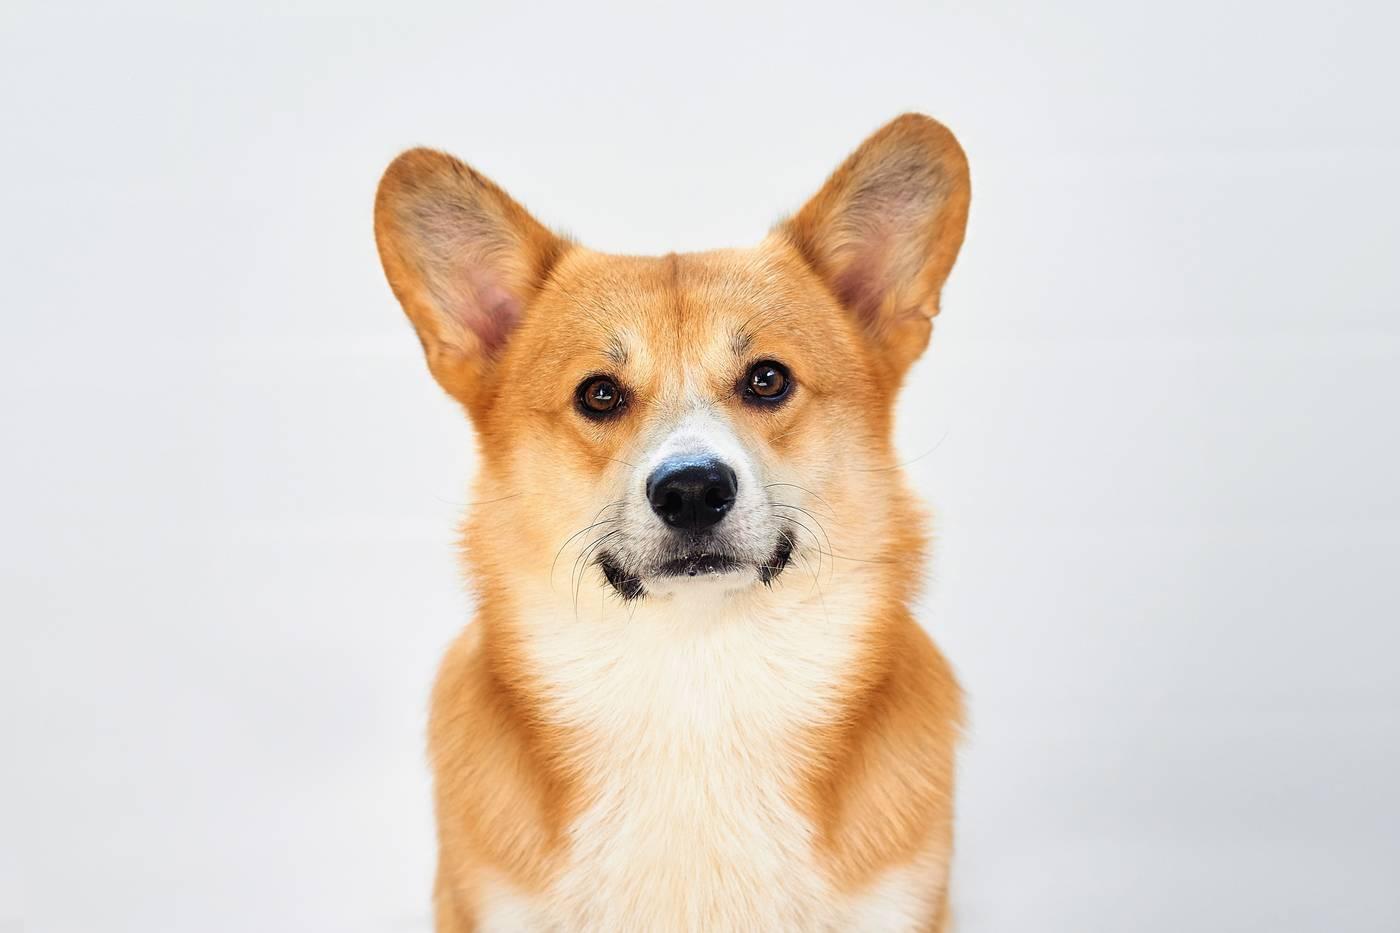 Корги уход - как ухаживать за собакой породы корги?   vseocorgi